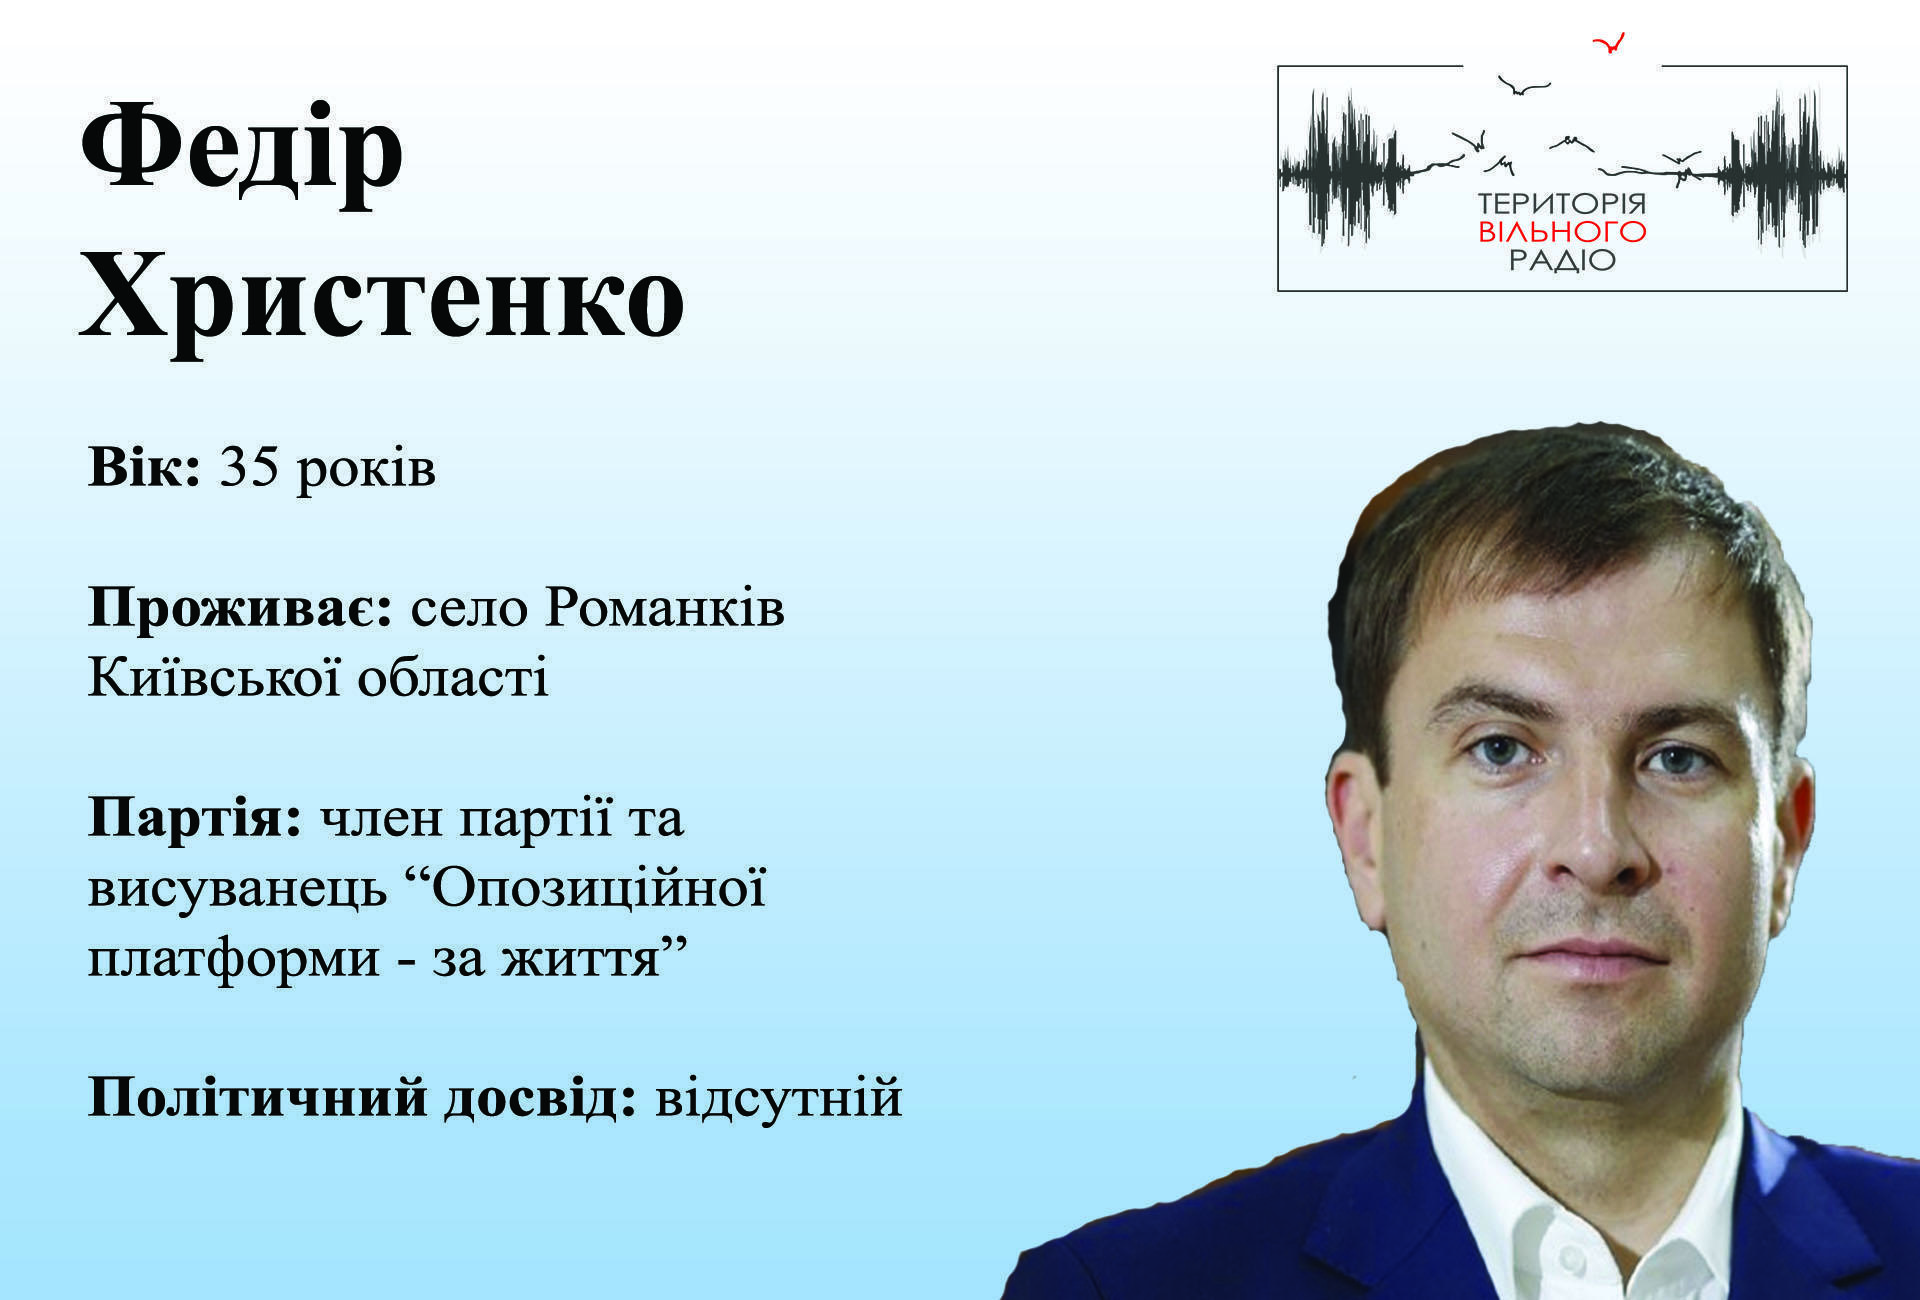 Федір Христенко 46 виборчий округ Опозиційна платформа- за життя